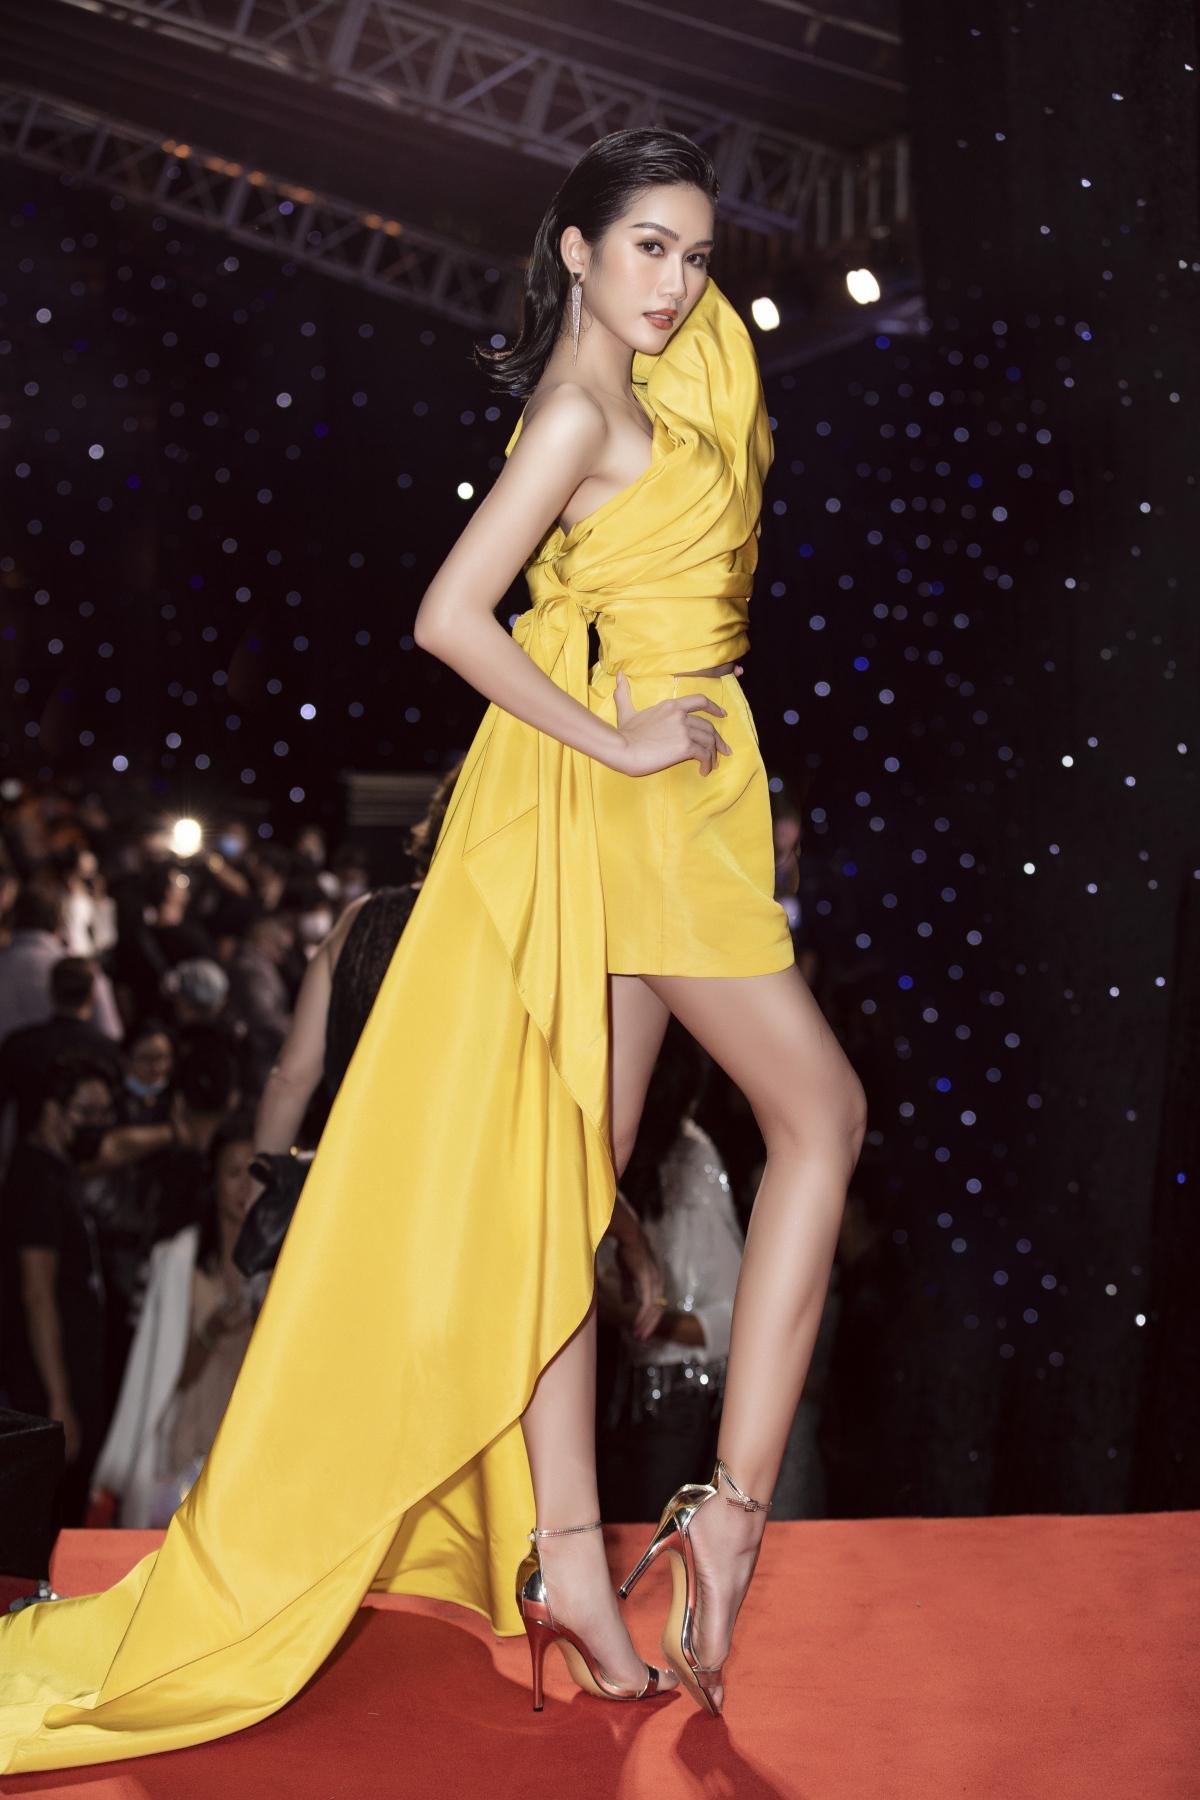 """Sau đăng quang 2 tuần, đây là lần đầu tiên Á hậu Phương Anh xuất hiện tại một sự kiện thời trang. Cô nàng được đông đảo khán giả khen ngợi bởi thành tích học tập """"khủng"""" và trình độ ngoại ngữ đáng ngưỡng mộ."""